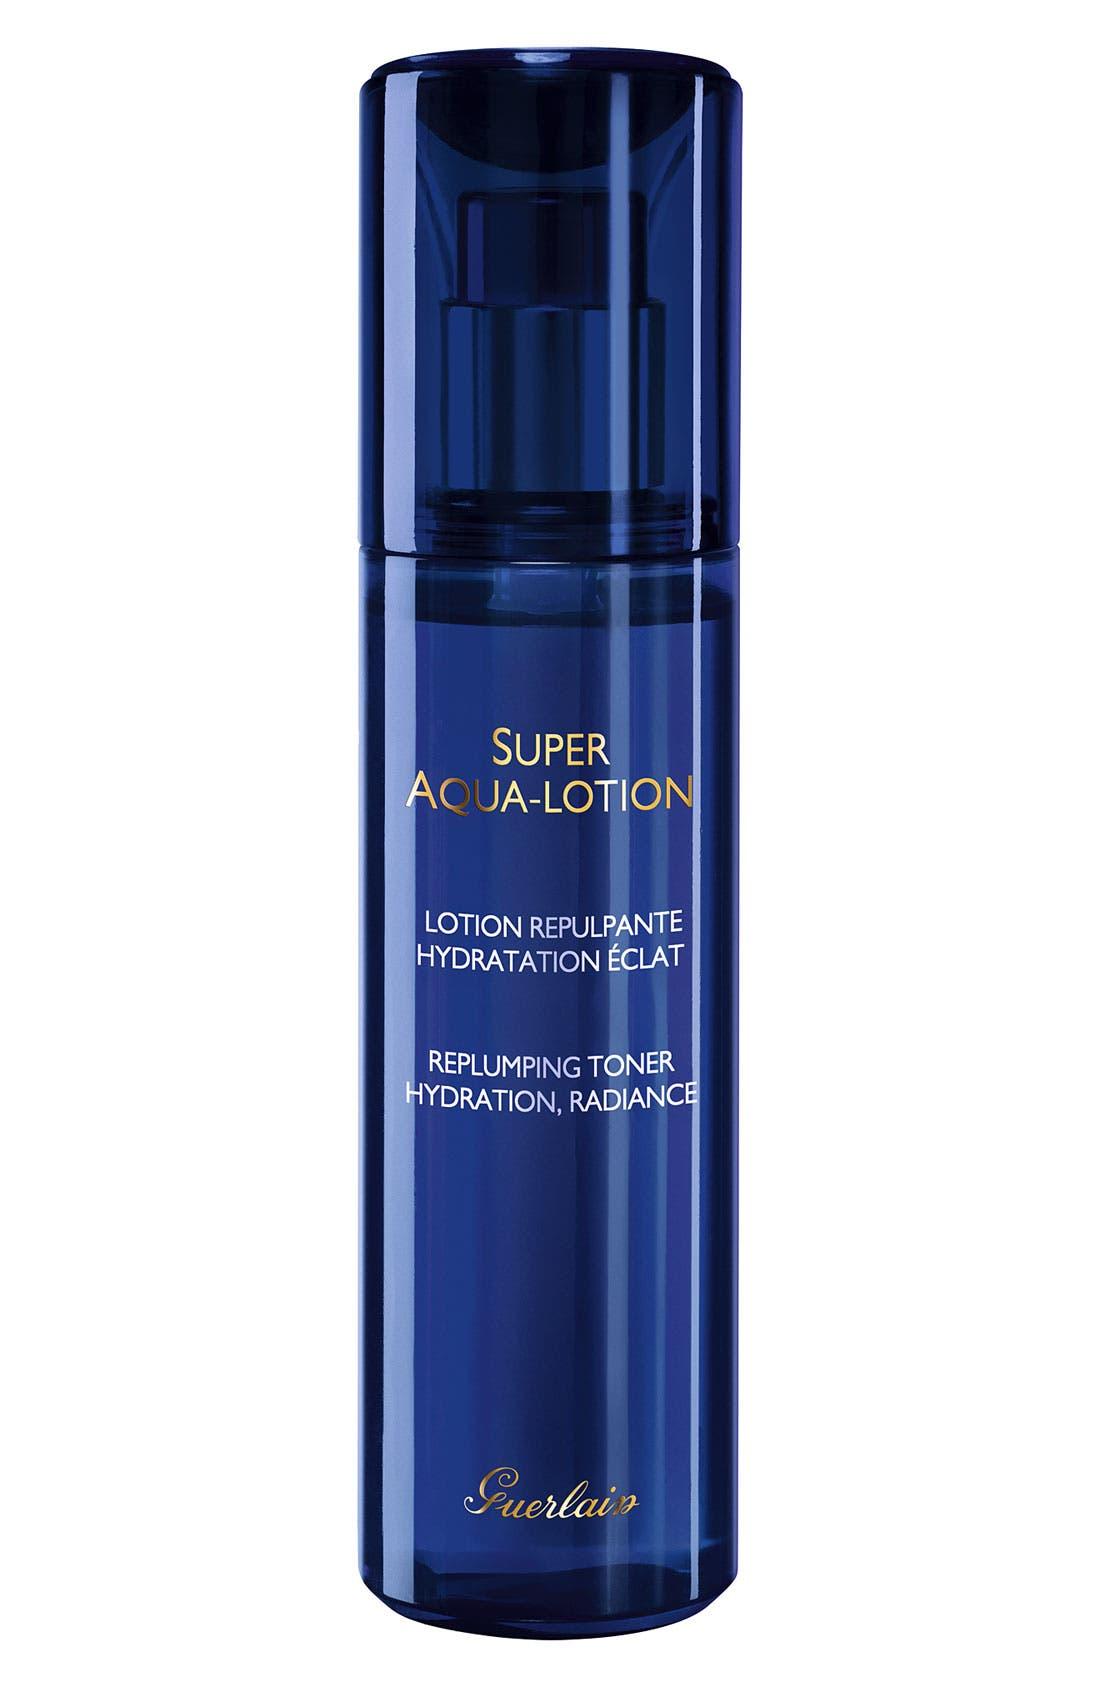 Guerlain 'Super Aqua Lotion' Hydrating Toner